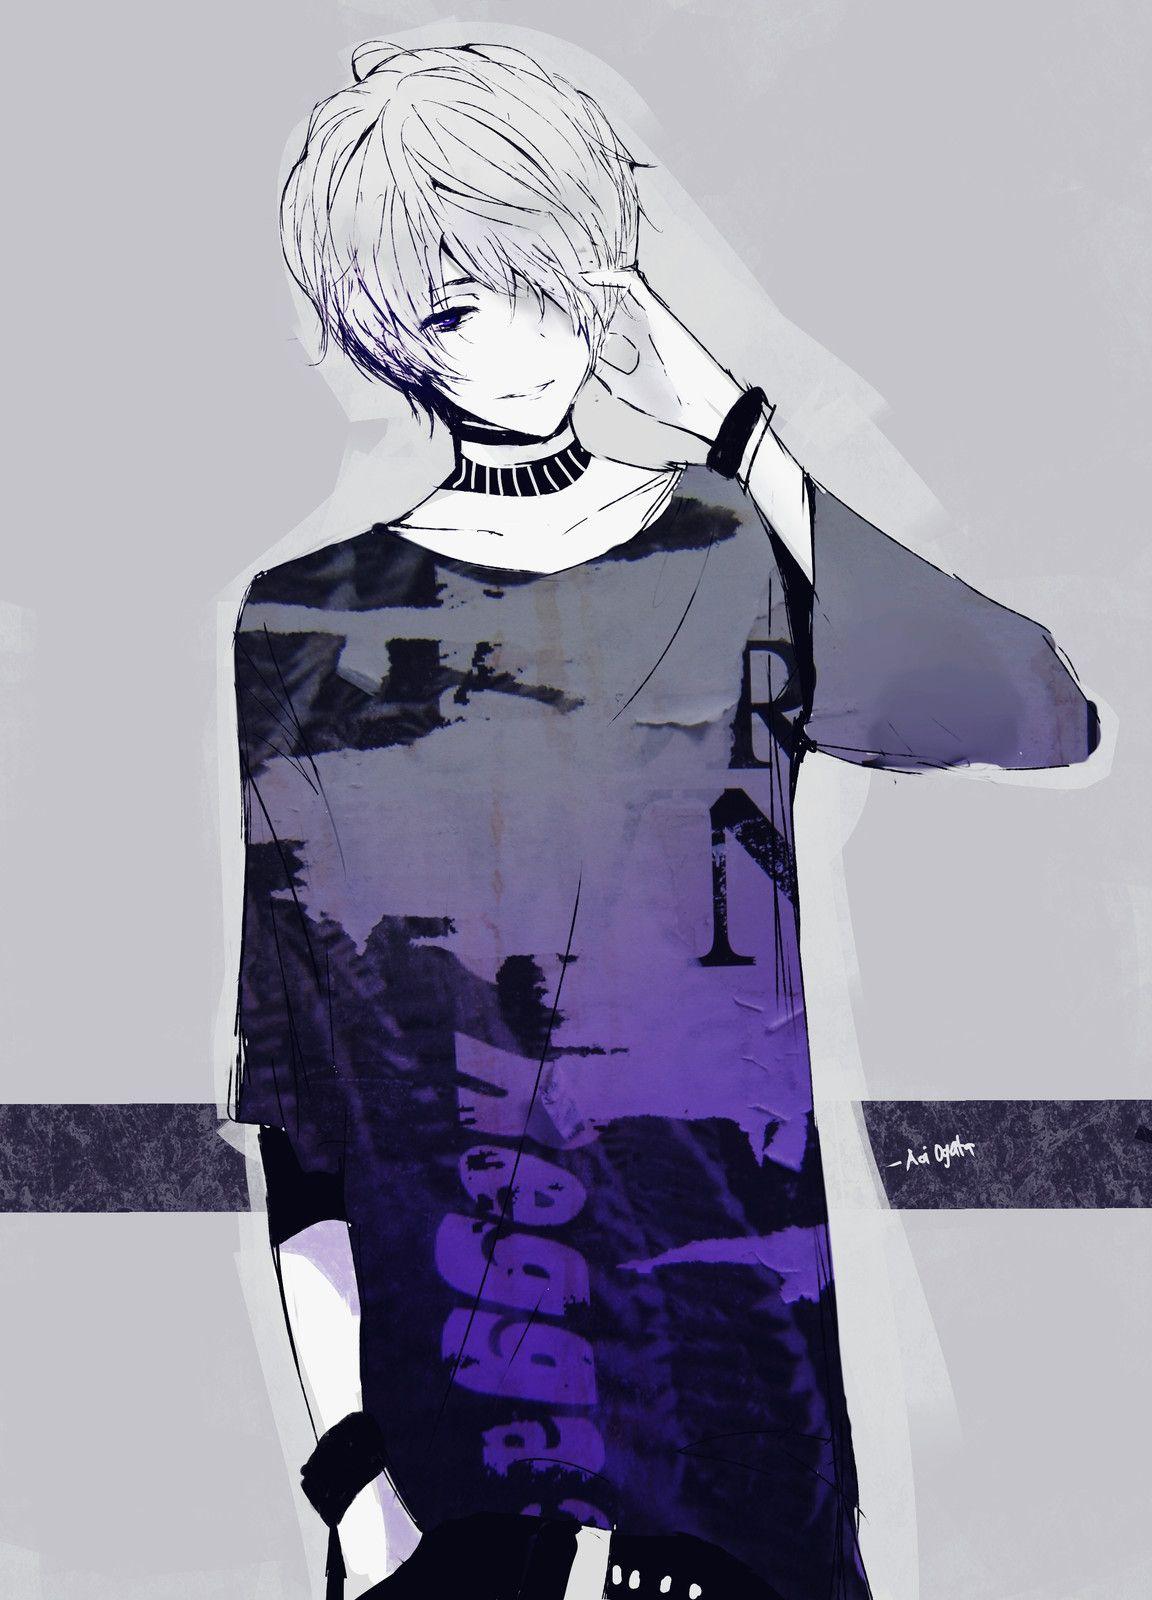 Random Guy Aoi Ogata On Artstation At Https Www Artstation Com Artwork Eerk4 Anime Gangster Anime Cosplay Anime